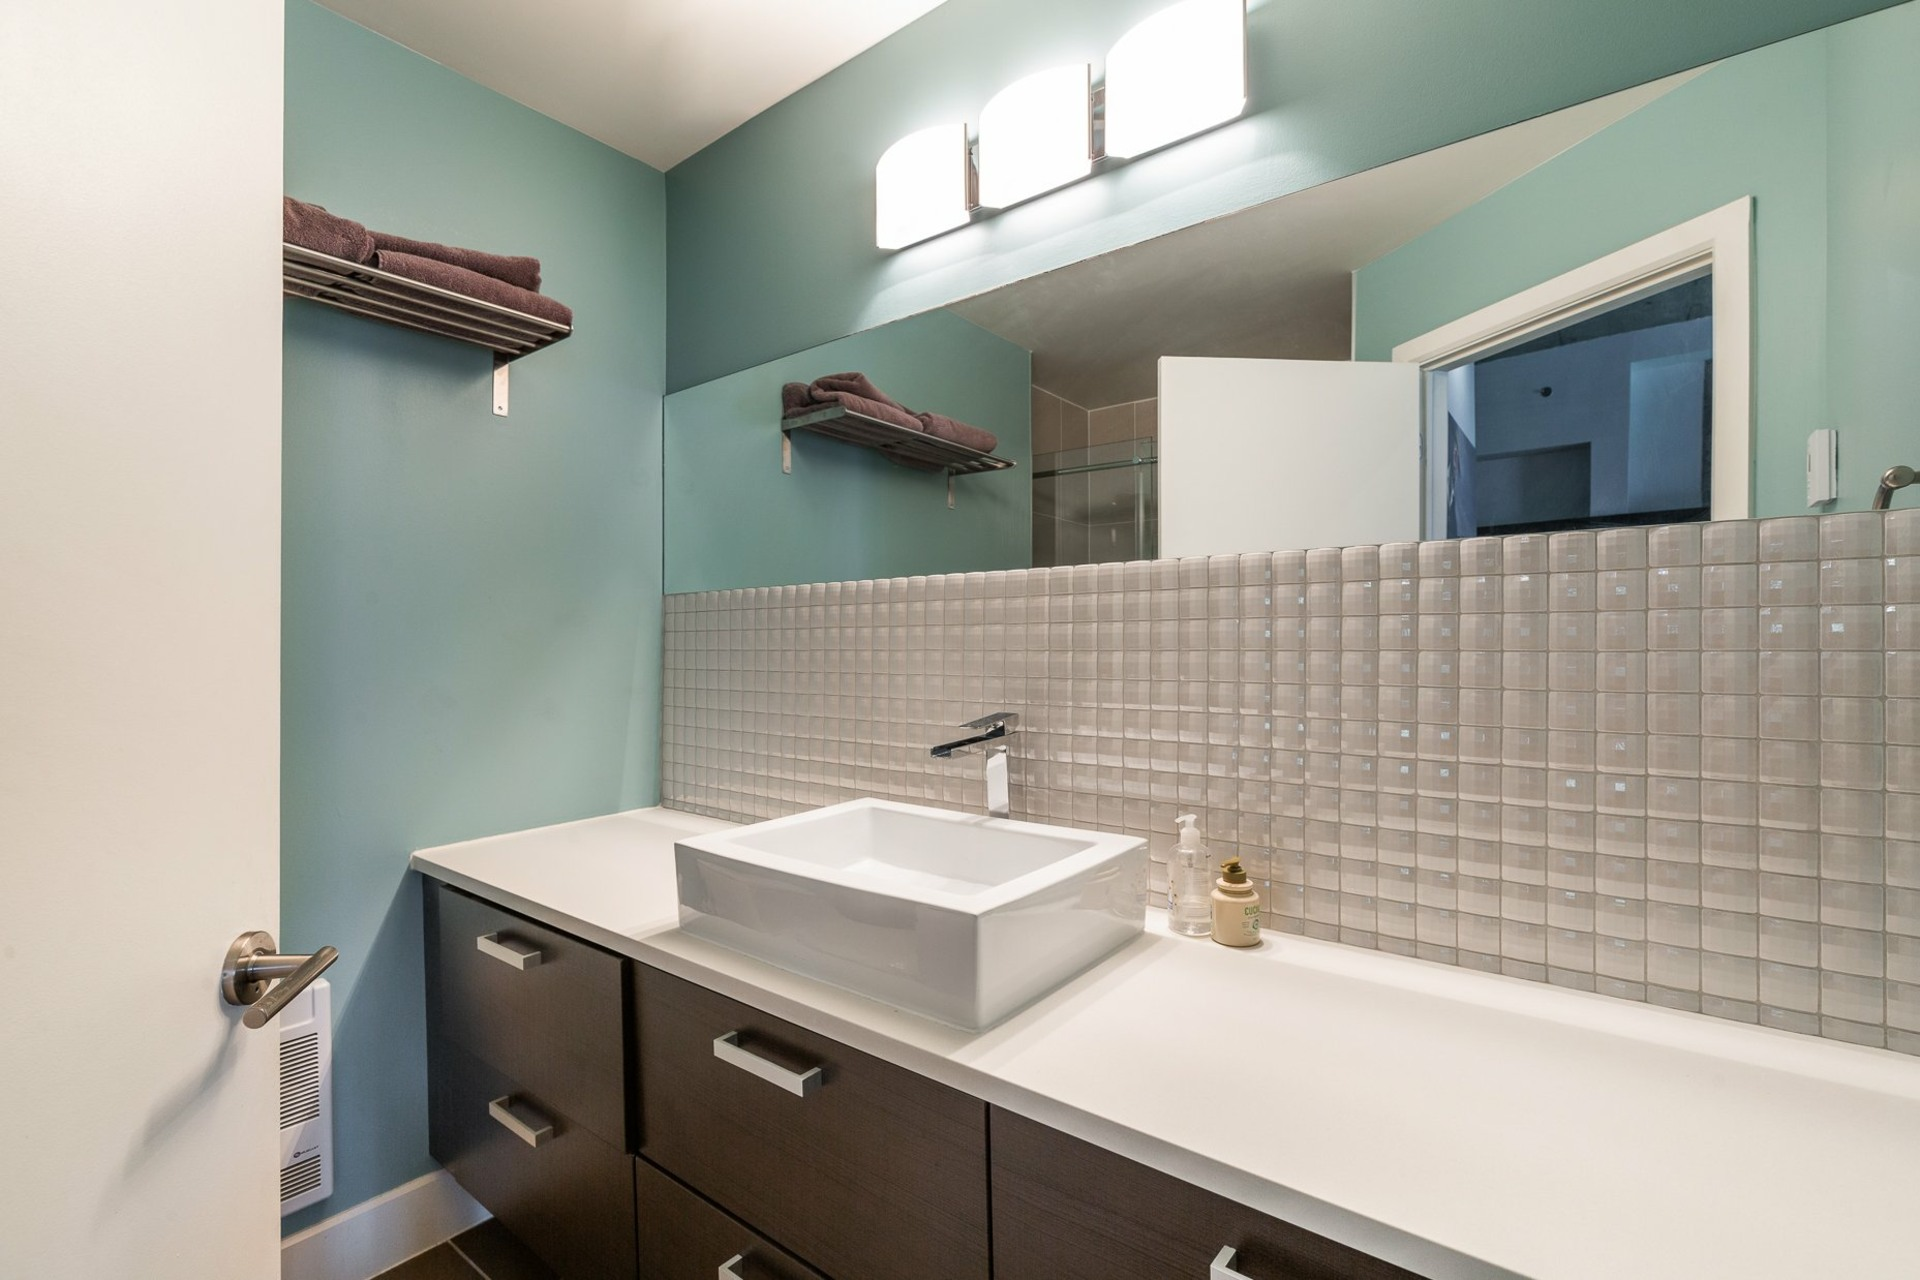 image 14 - Appartement À vendre Villeray/Saint-Michel/Parc-Extension Montréal  - 1 pièce